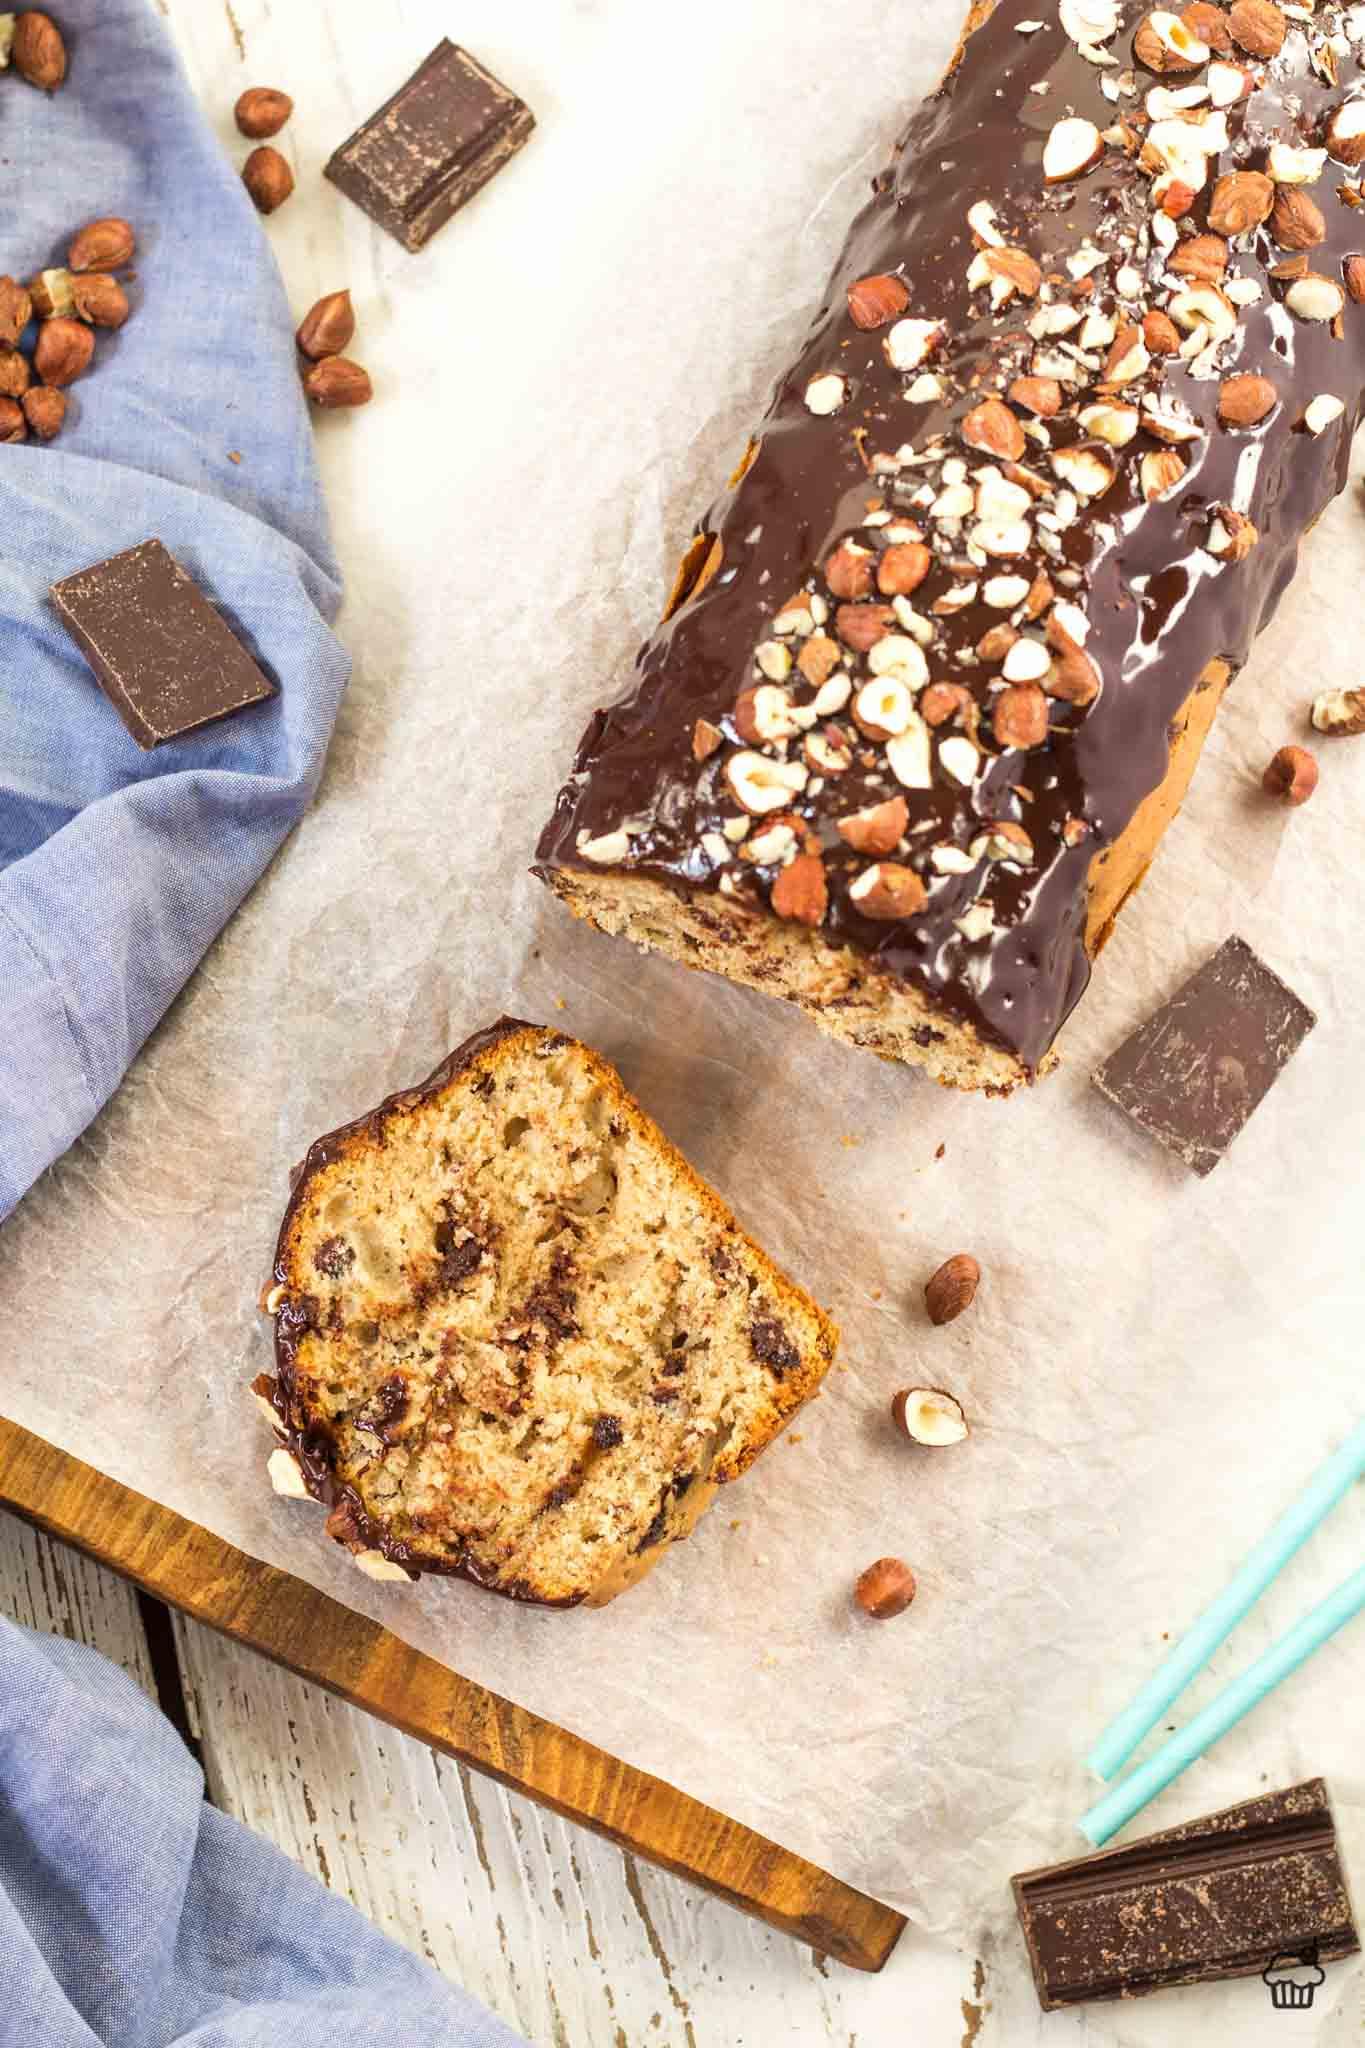 čokoládový chlebík s lieskovcami